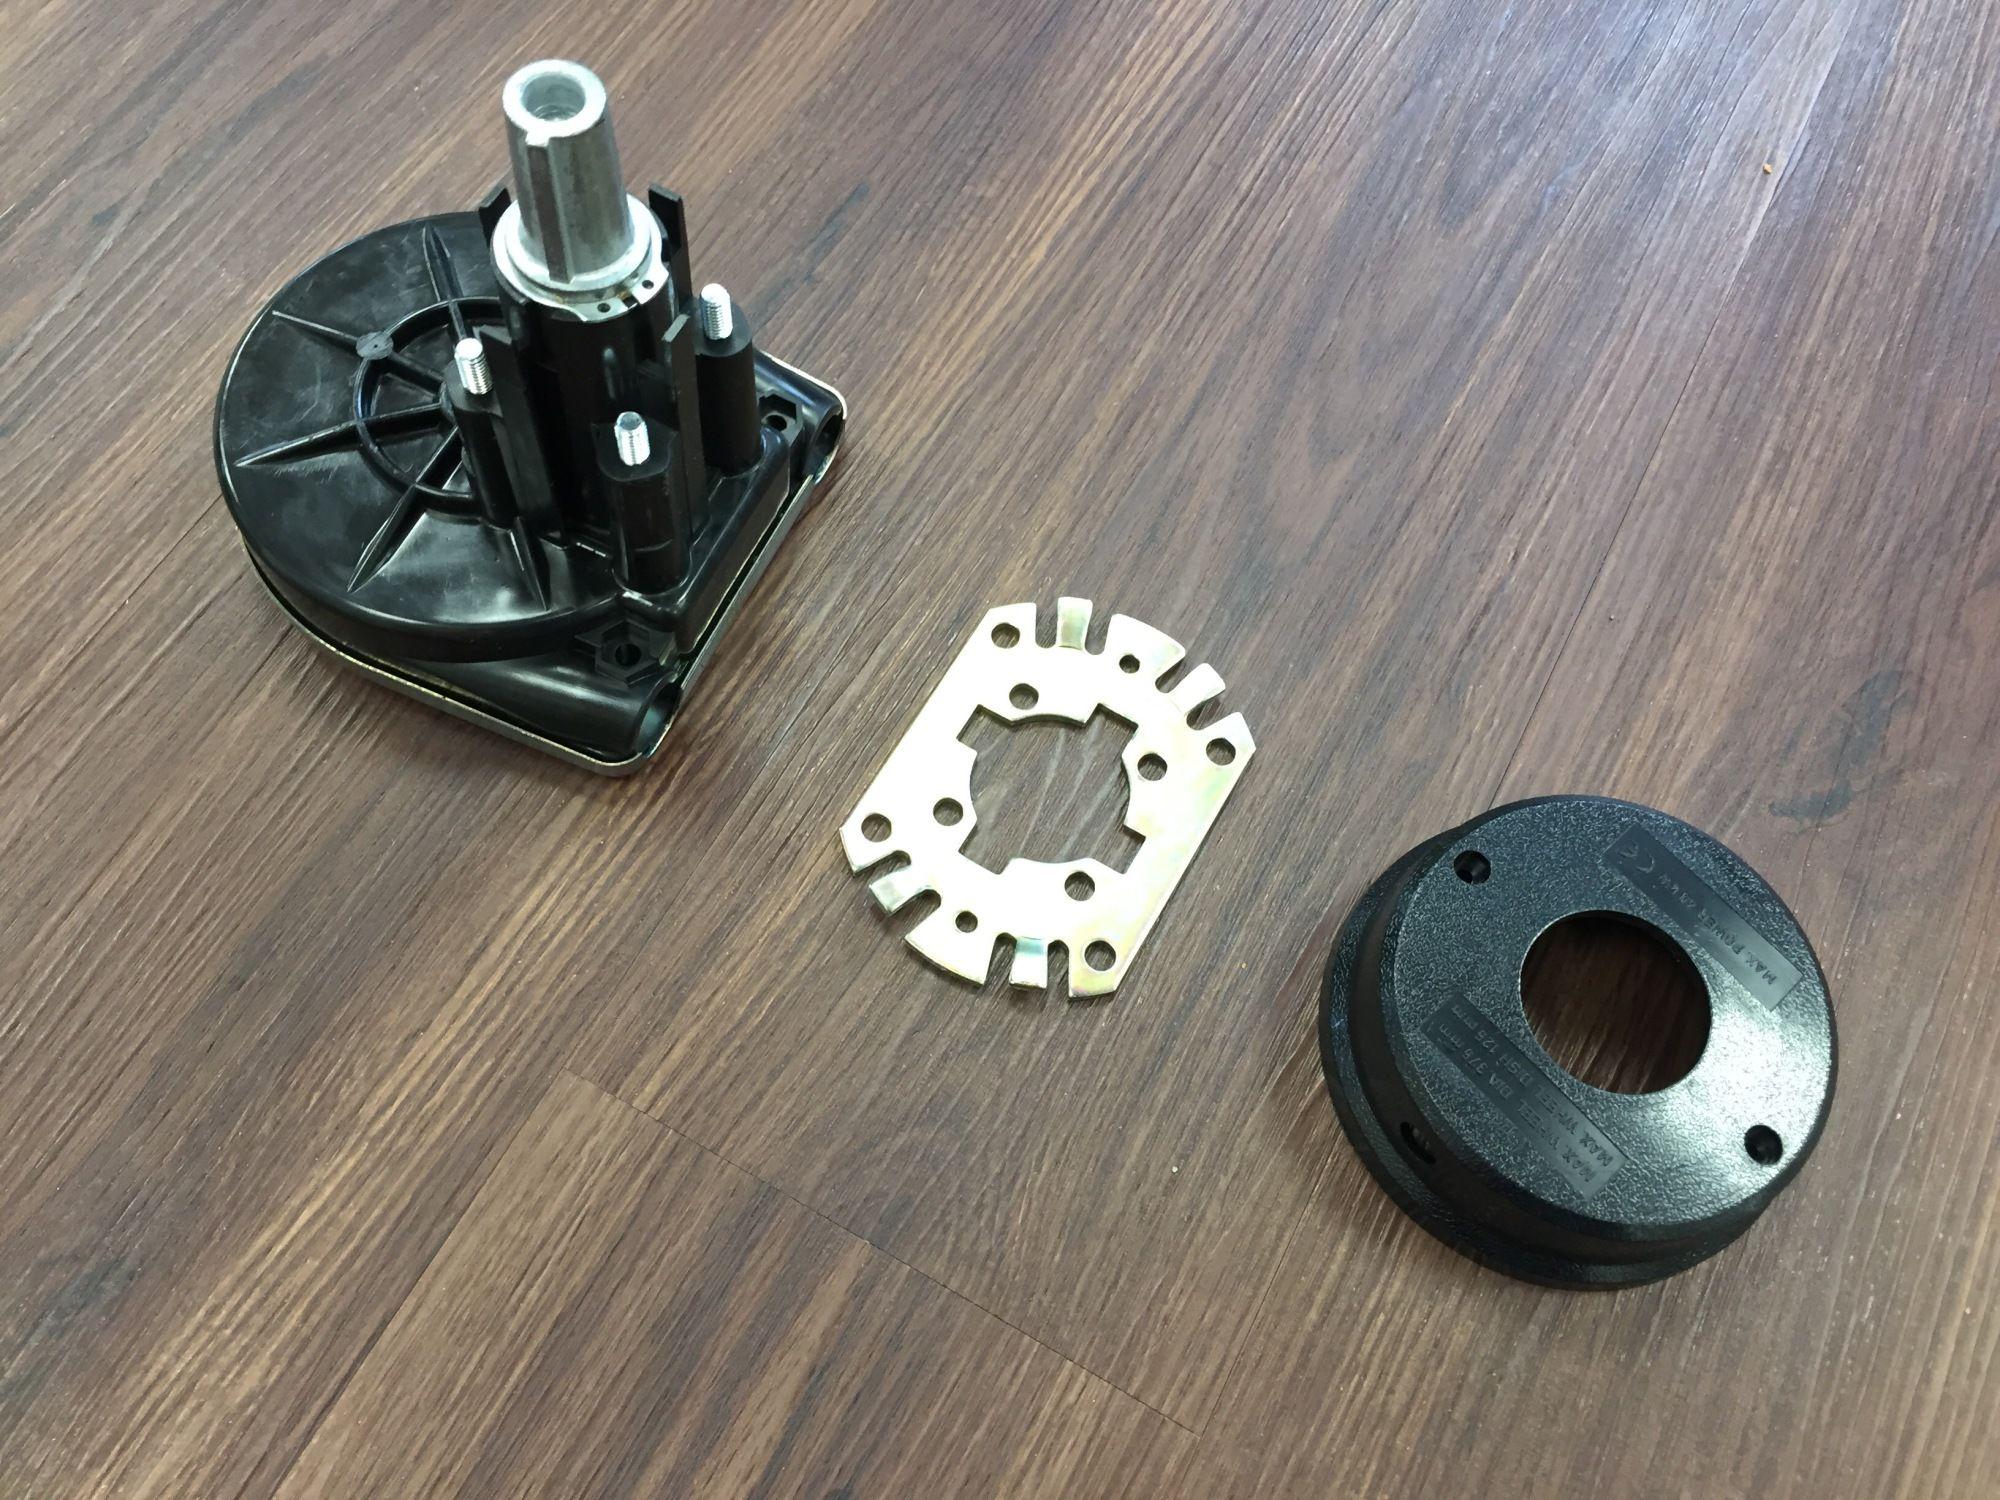 allpa teleflex lenkung compact t lenksystem bis 55 ps 6 20. Black Bedroom Furniture Sets. Home Design Ideas